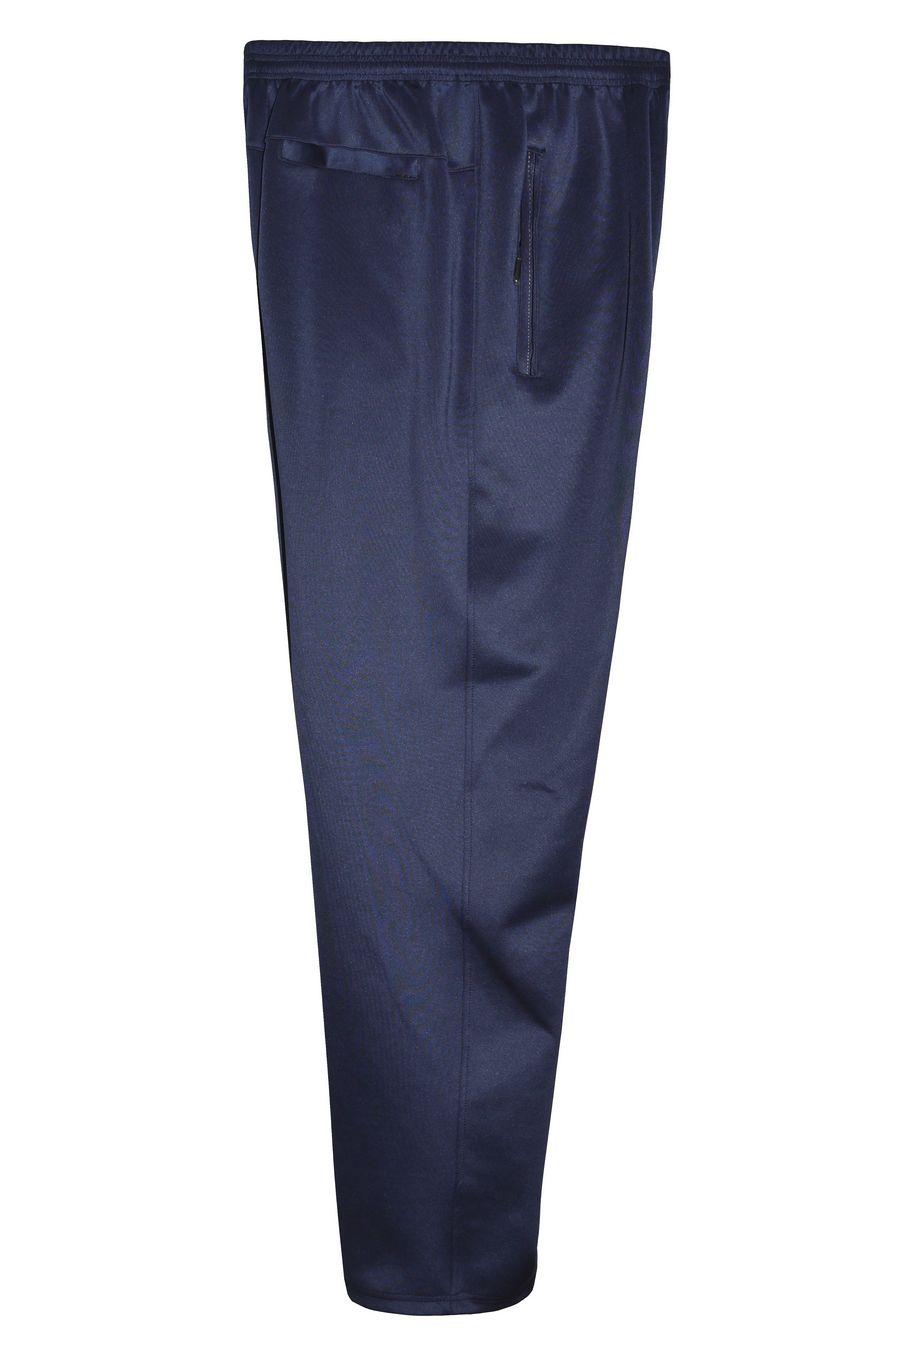 Брюки мужские GL 122 синие - фото 1